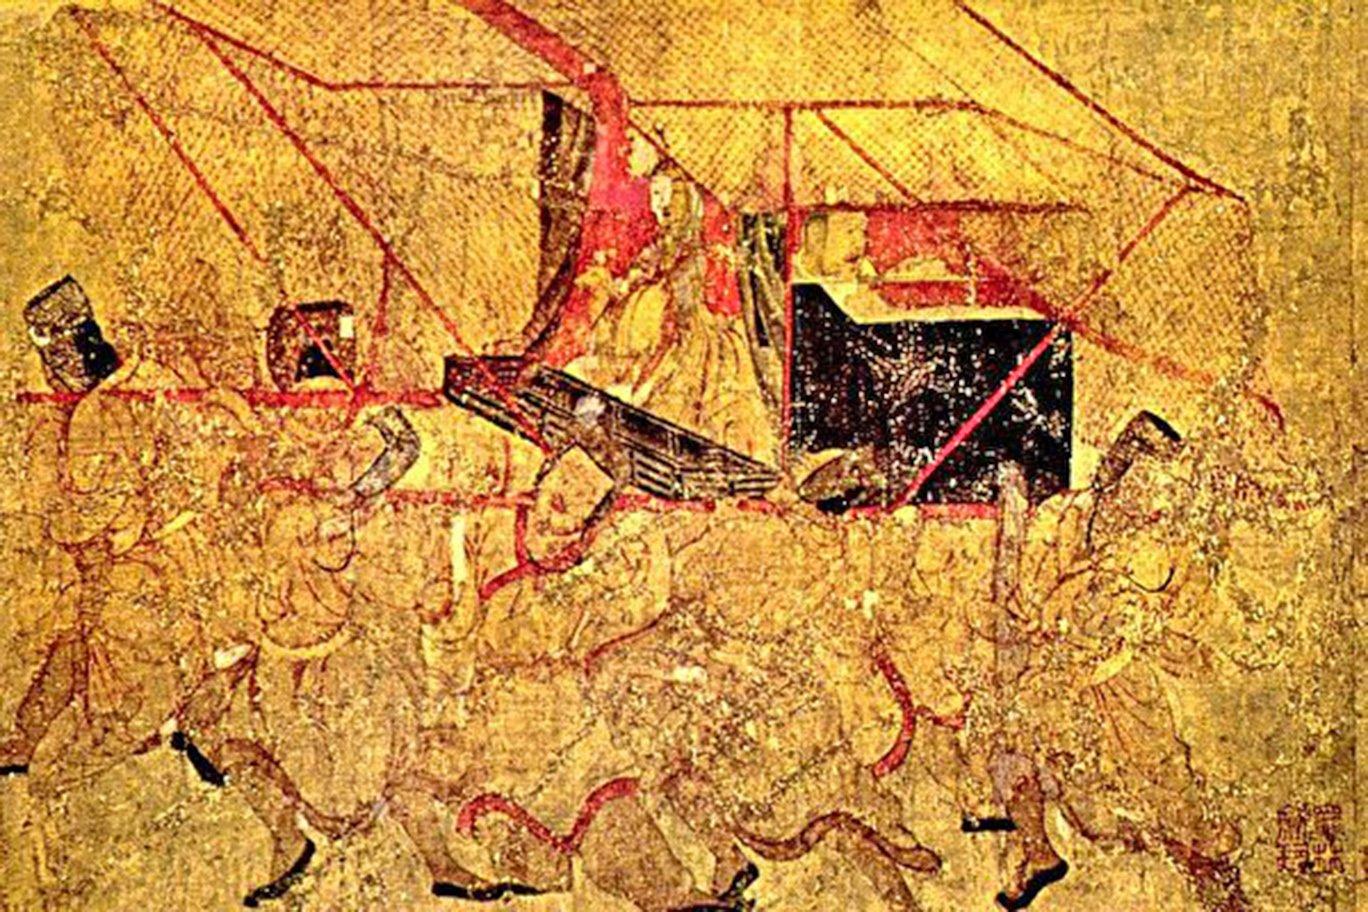 南北朝 顧愷之〈女史箴圖〉中的〈班姬辭輦圖〉(倫敦大英博物館 藏)畫中轎夫的身段線條出神入化,極富韻律感(公有領域)